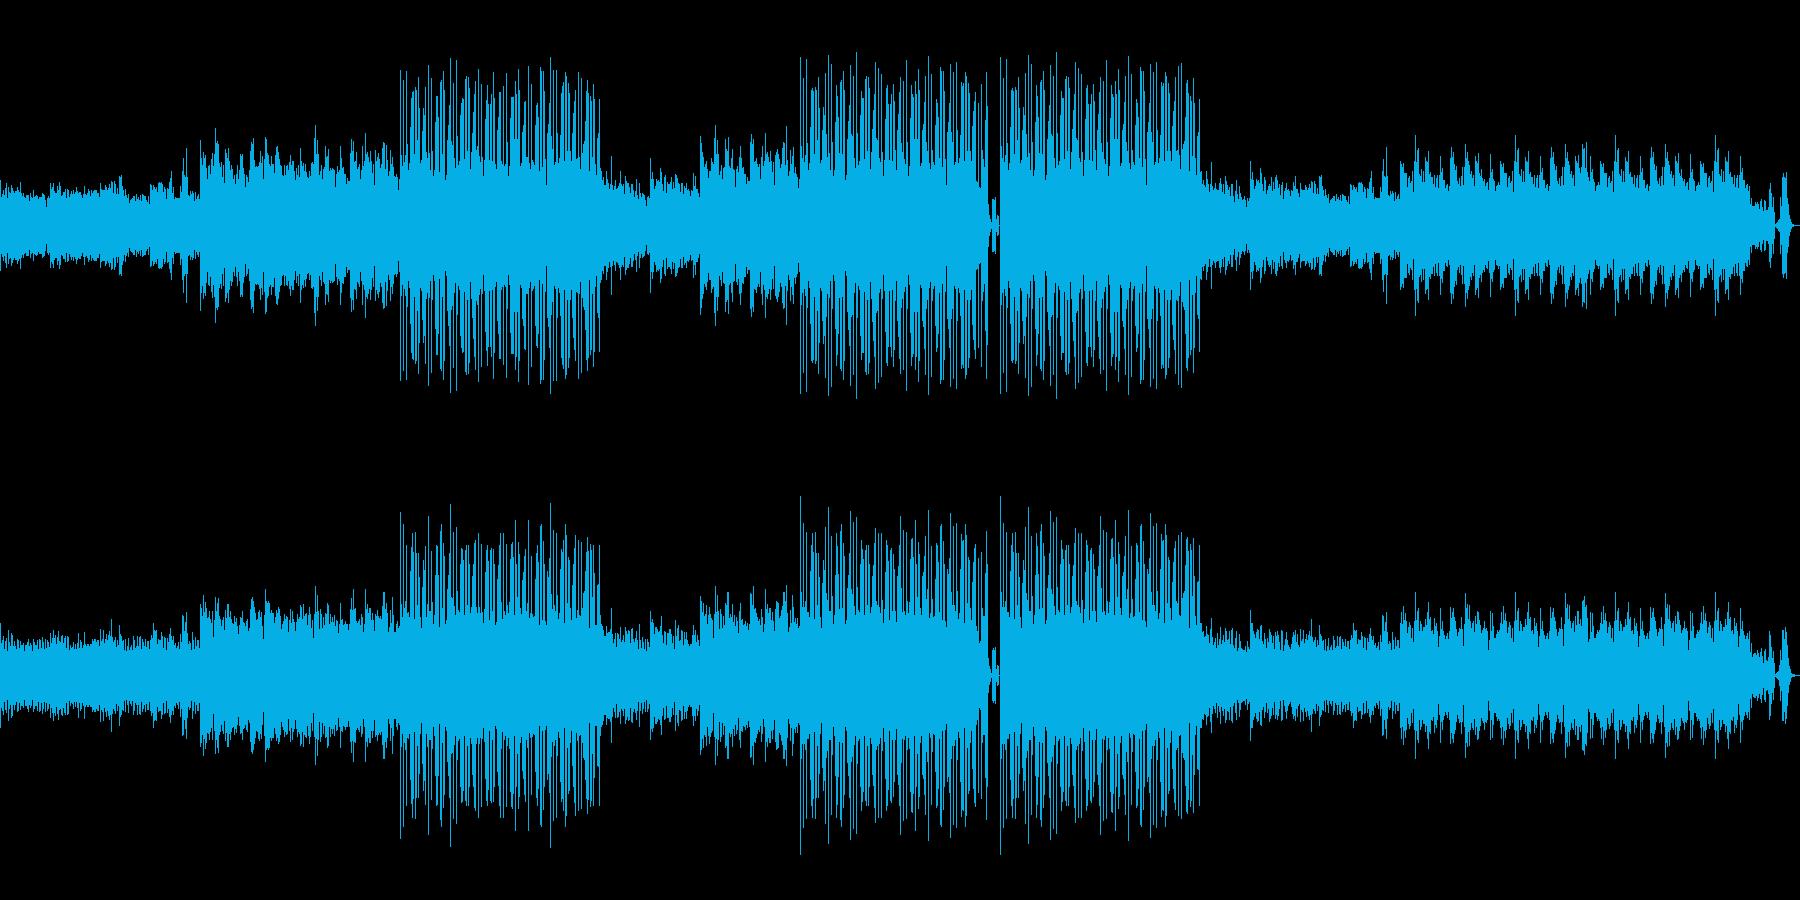 オシャレなラウンジBGMの再生済みの波形